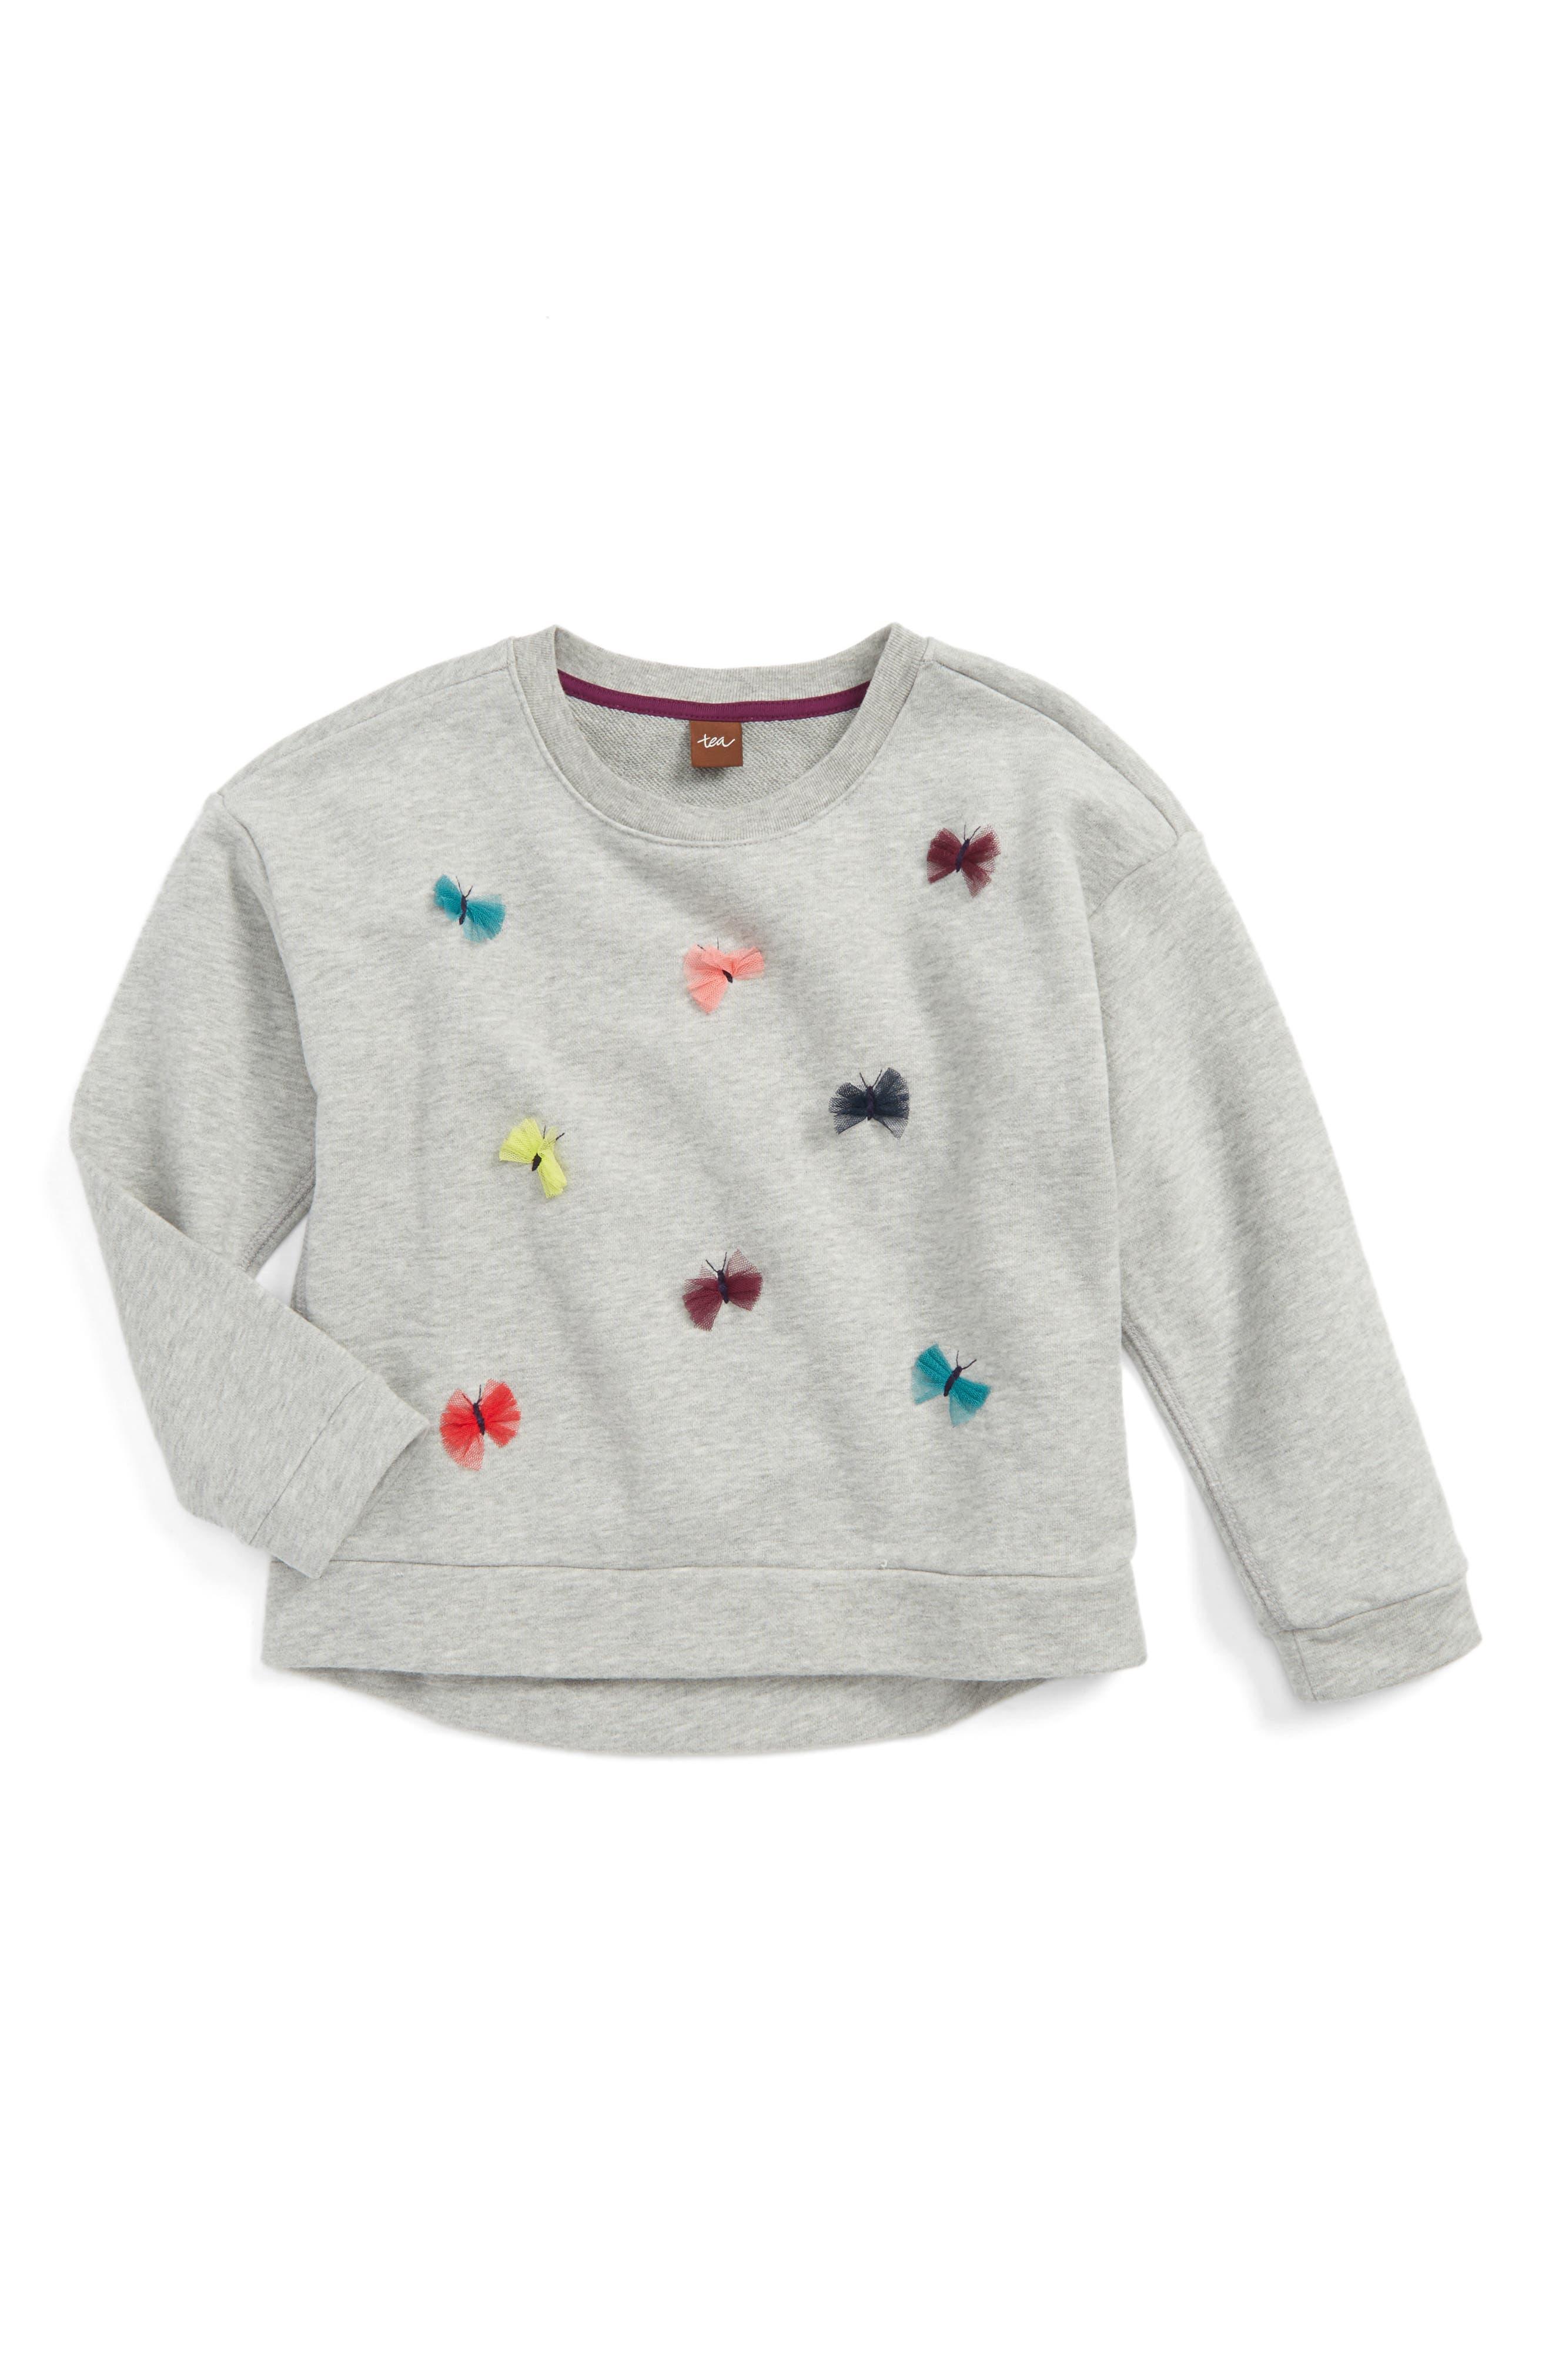 Tea Collection Dealan-De 3D Embellished Sweater (Toddler Girls, Little Girls & Big Girls)